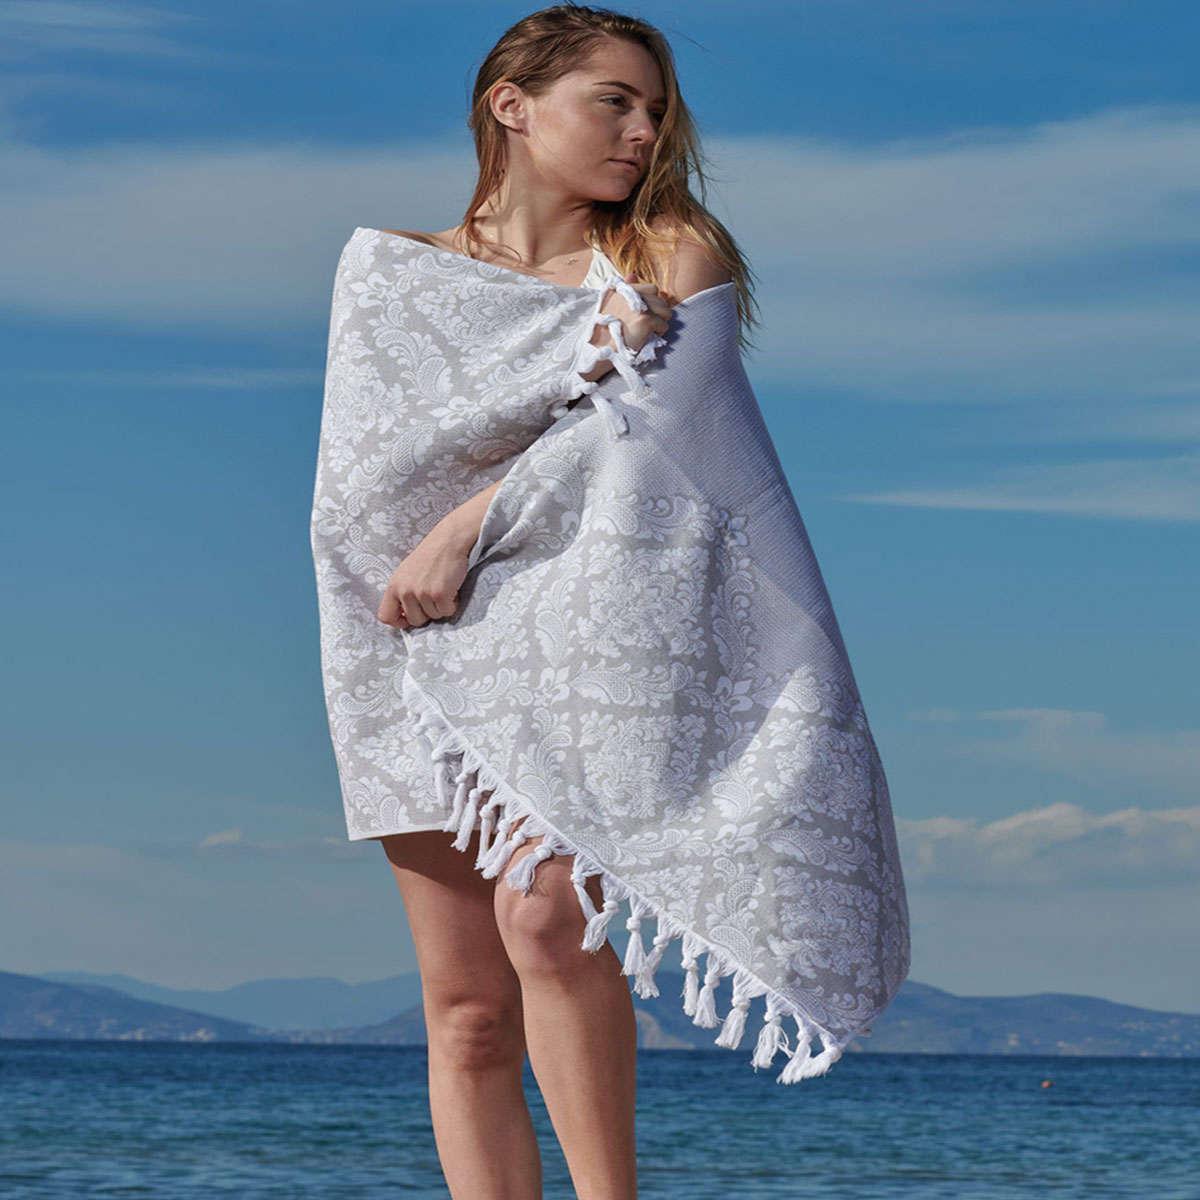 Πετσέτα Θαλάσσης – Παρεό Corfu 22 Grey Kentia Θαλάσσης 90x180cm